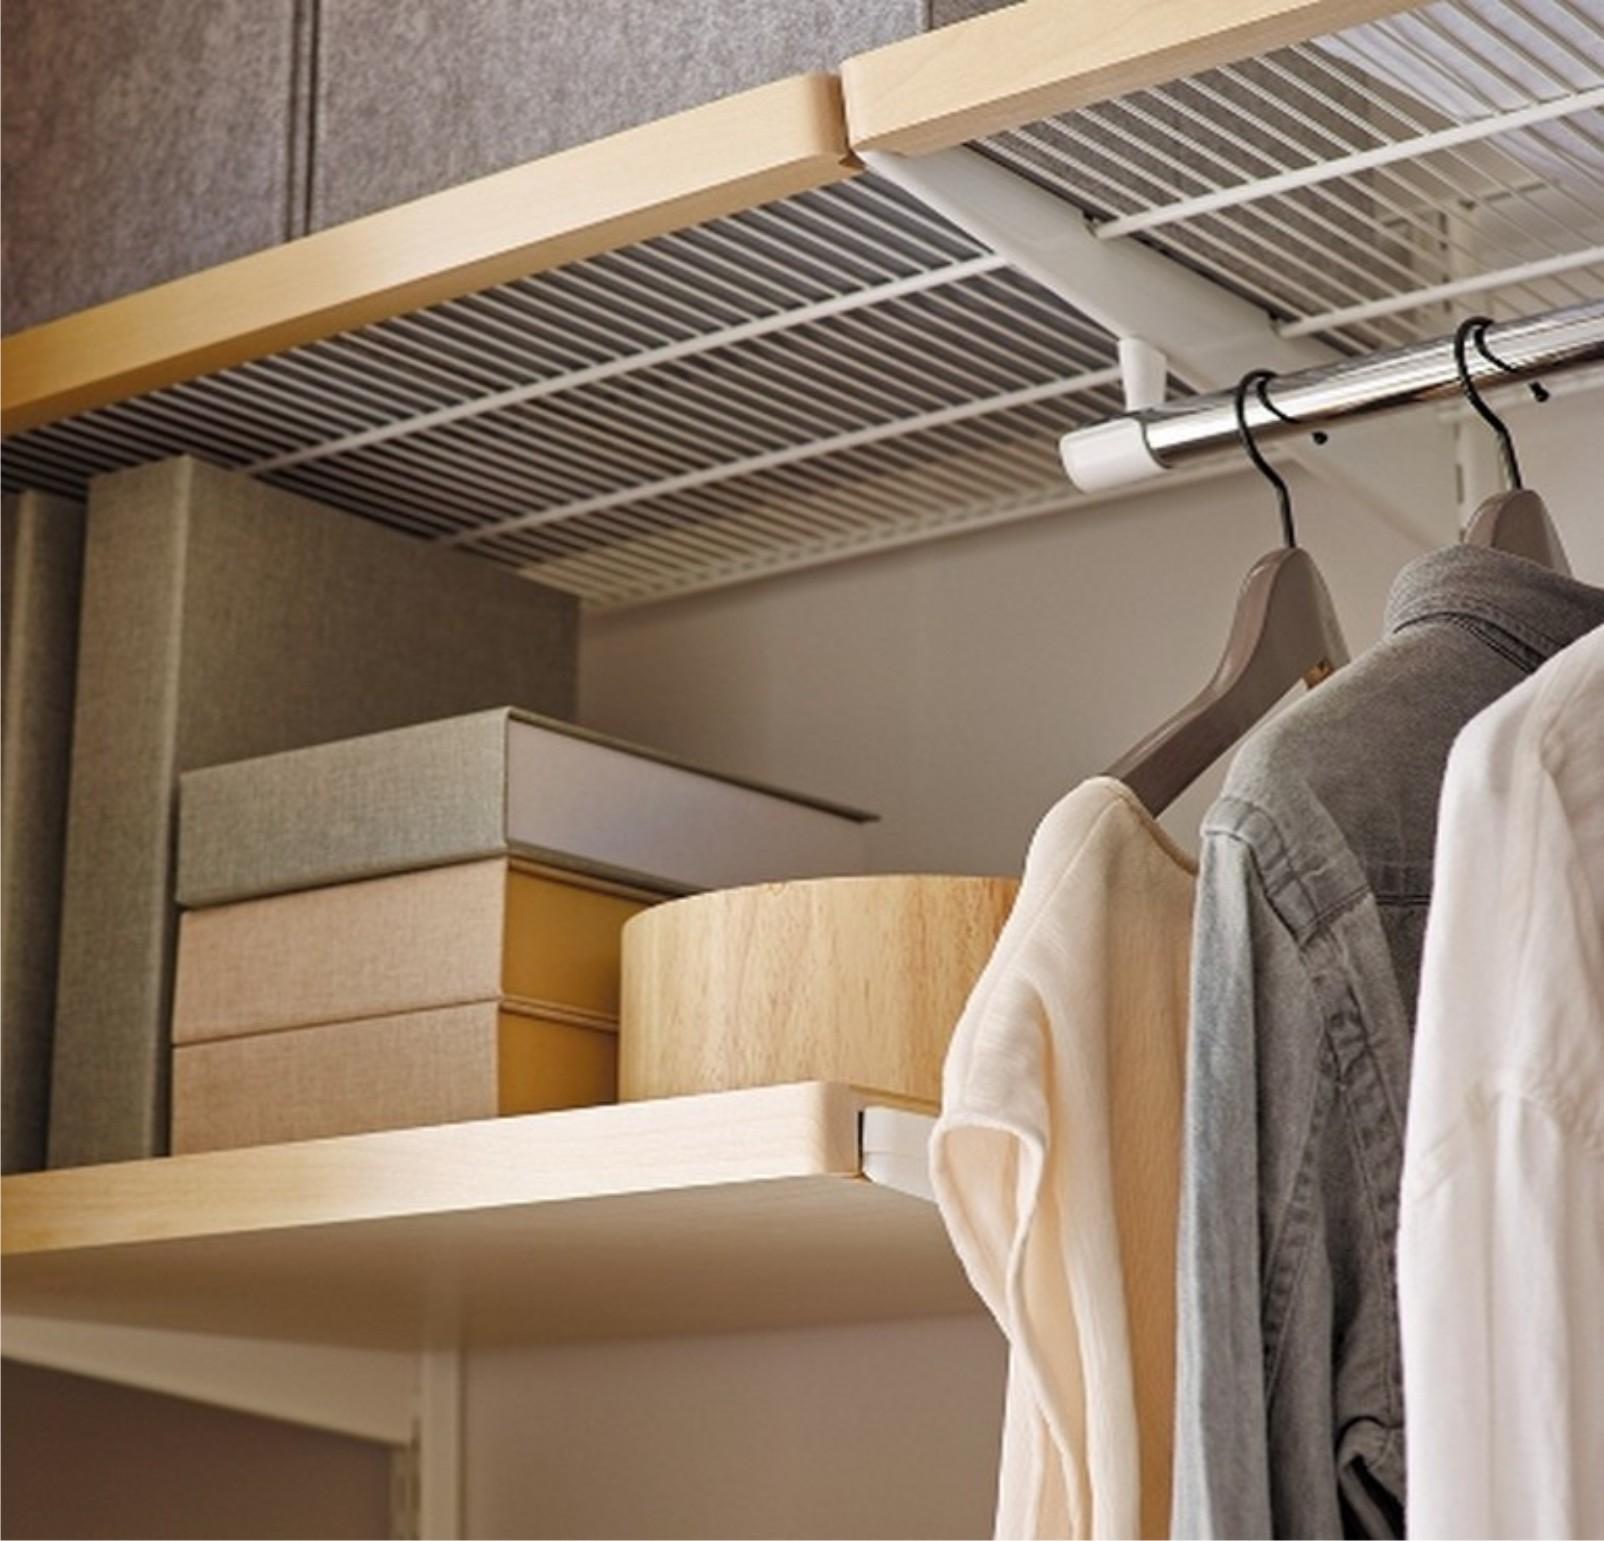 вторая штанга в шкафу